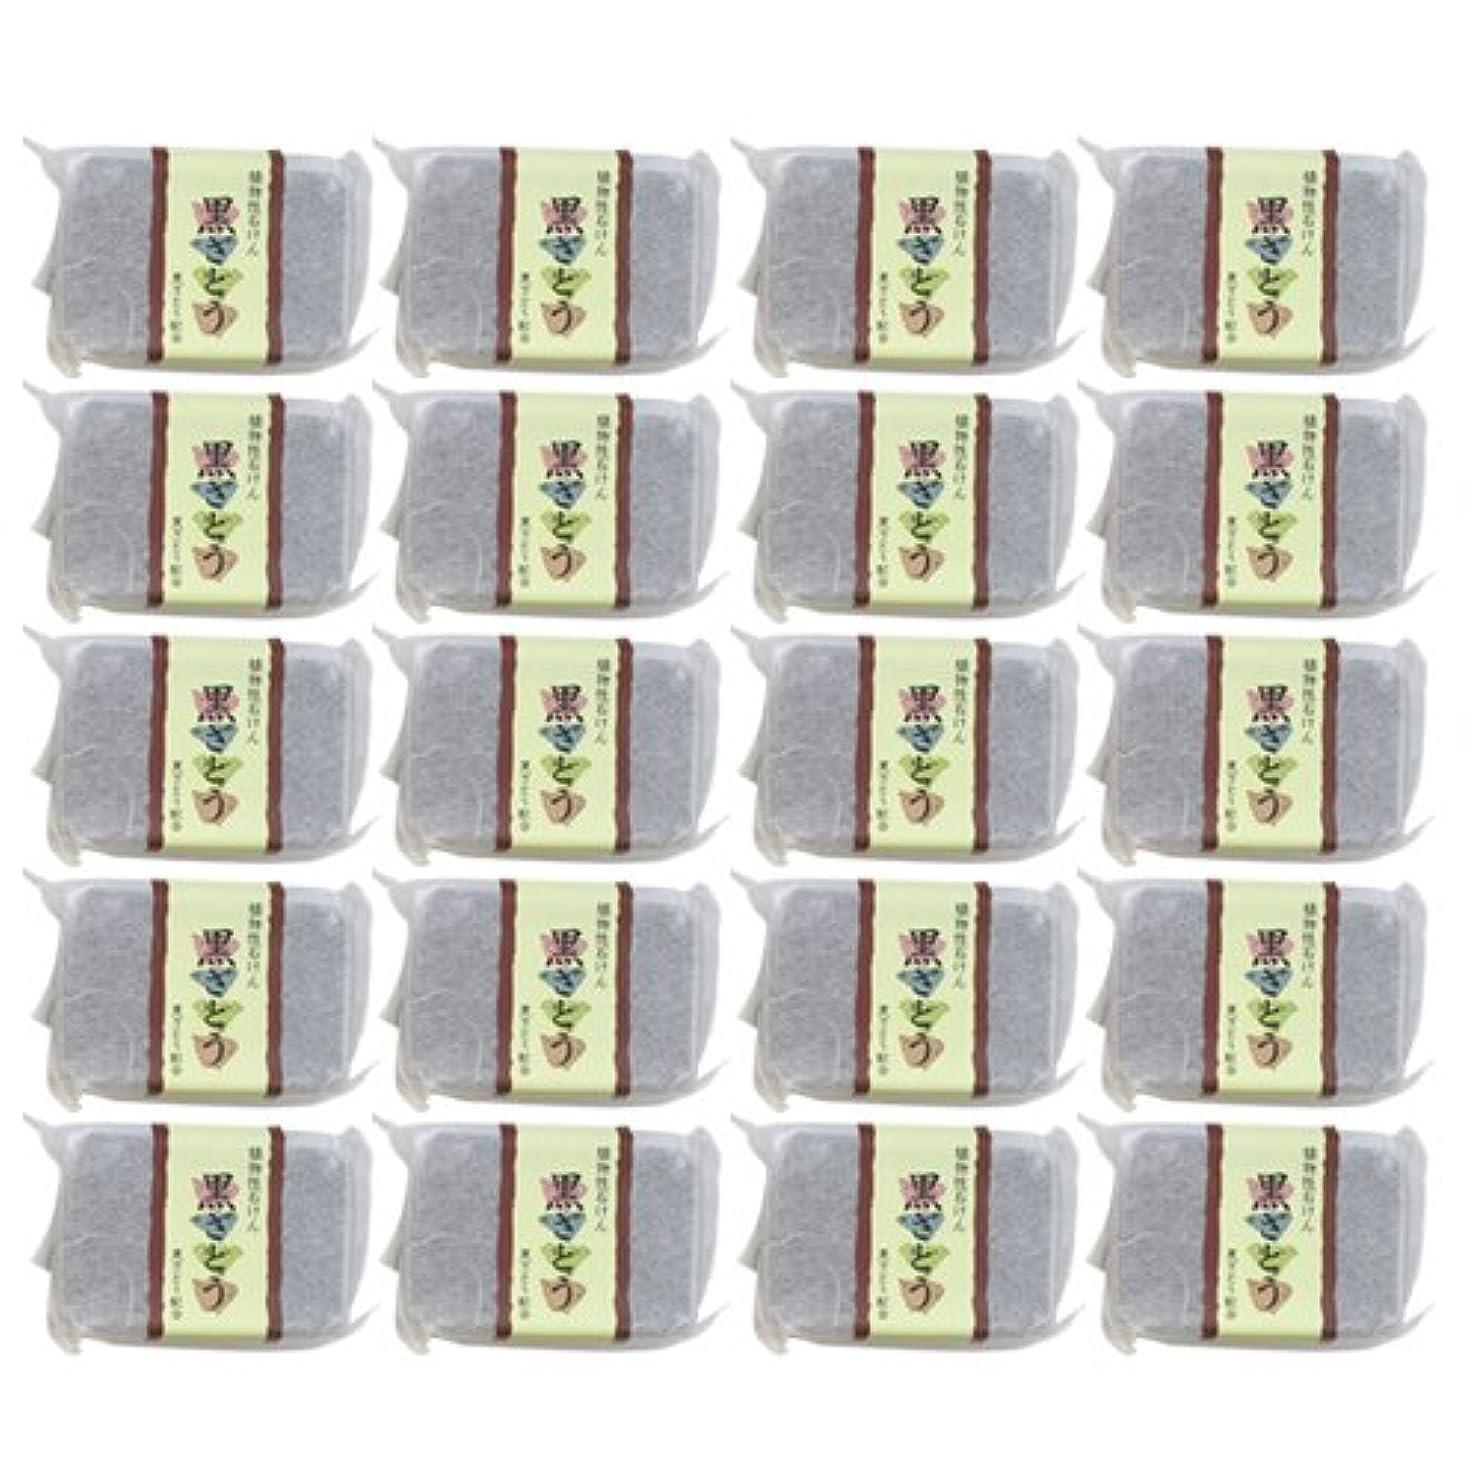 休憩影のある固有の植物性ソープ 自然石けん 黒ざとう 80g×20個セット